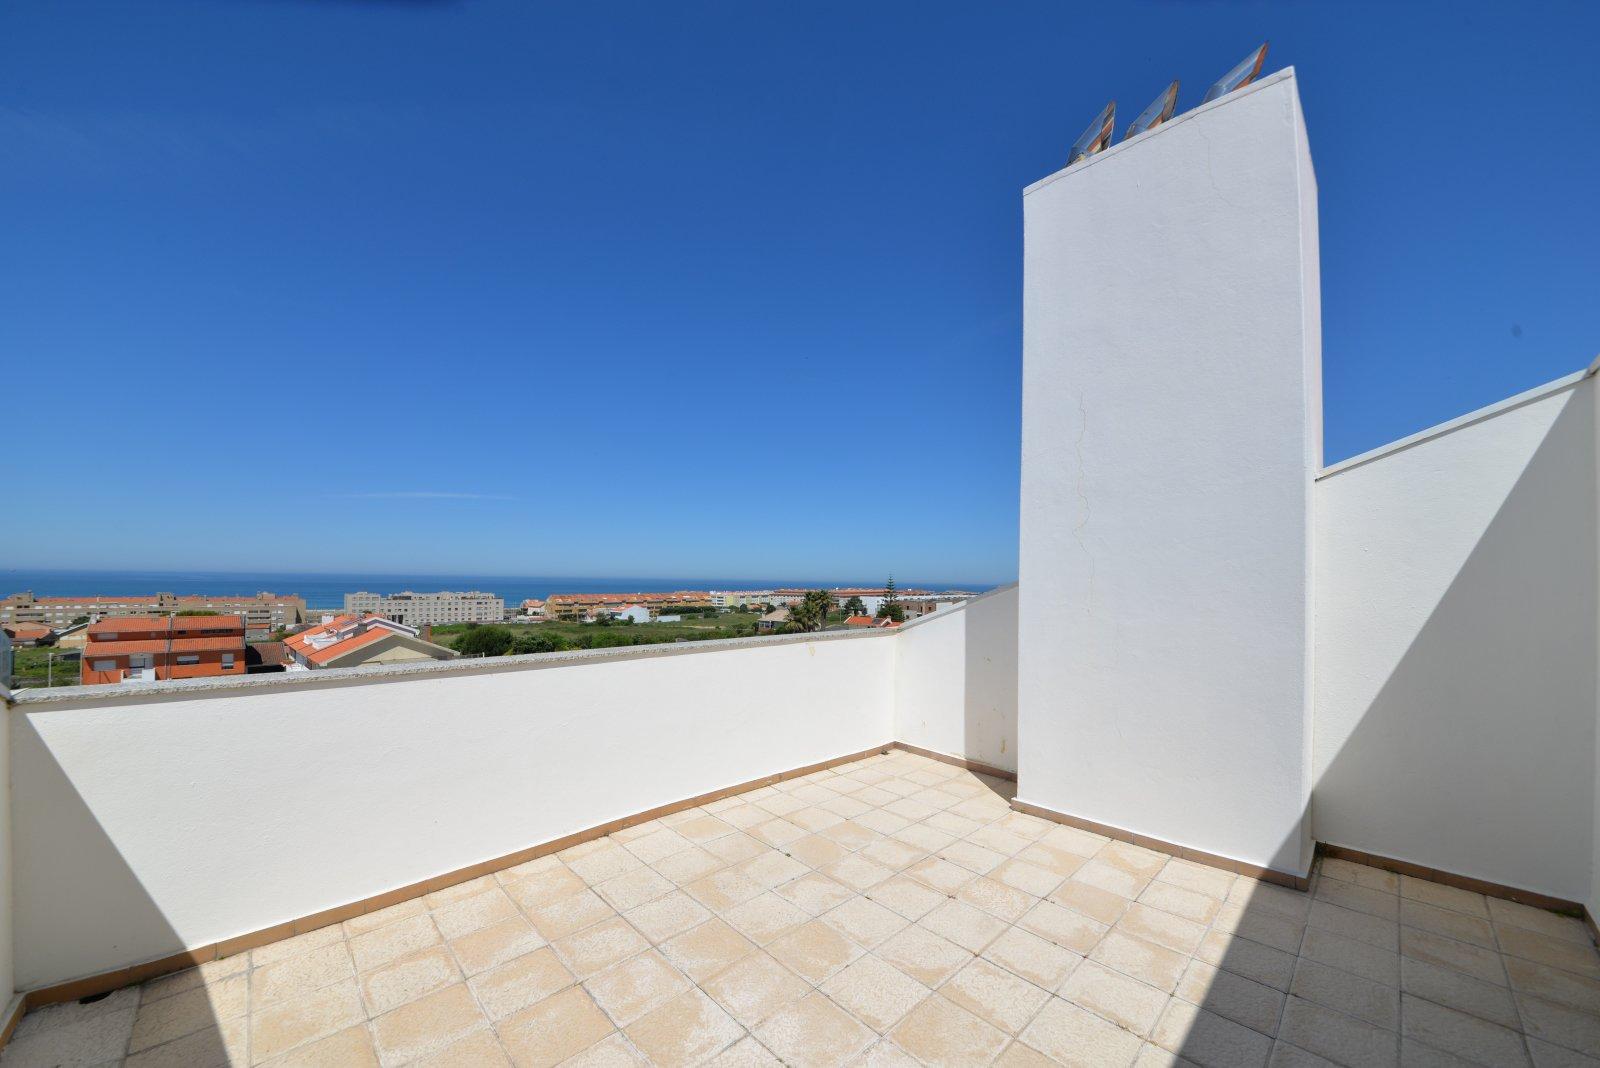 4 Bedroom Apartment Vila Nova de Gaia, Porto Ref: AAP53